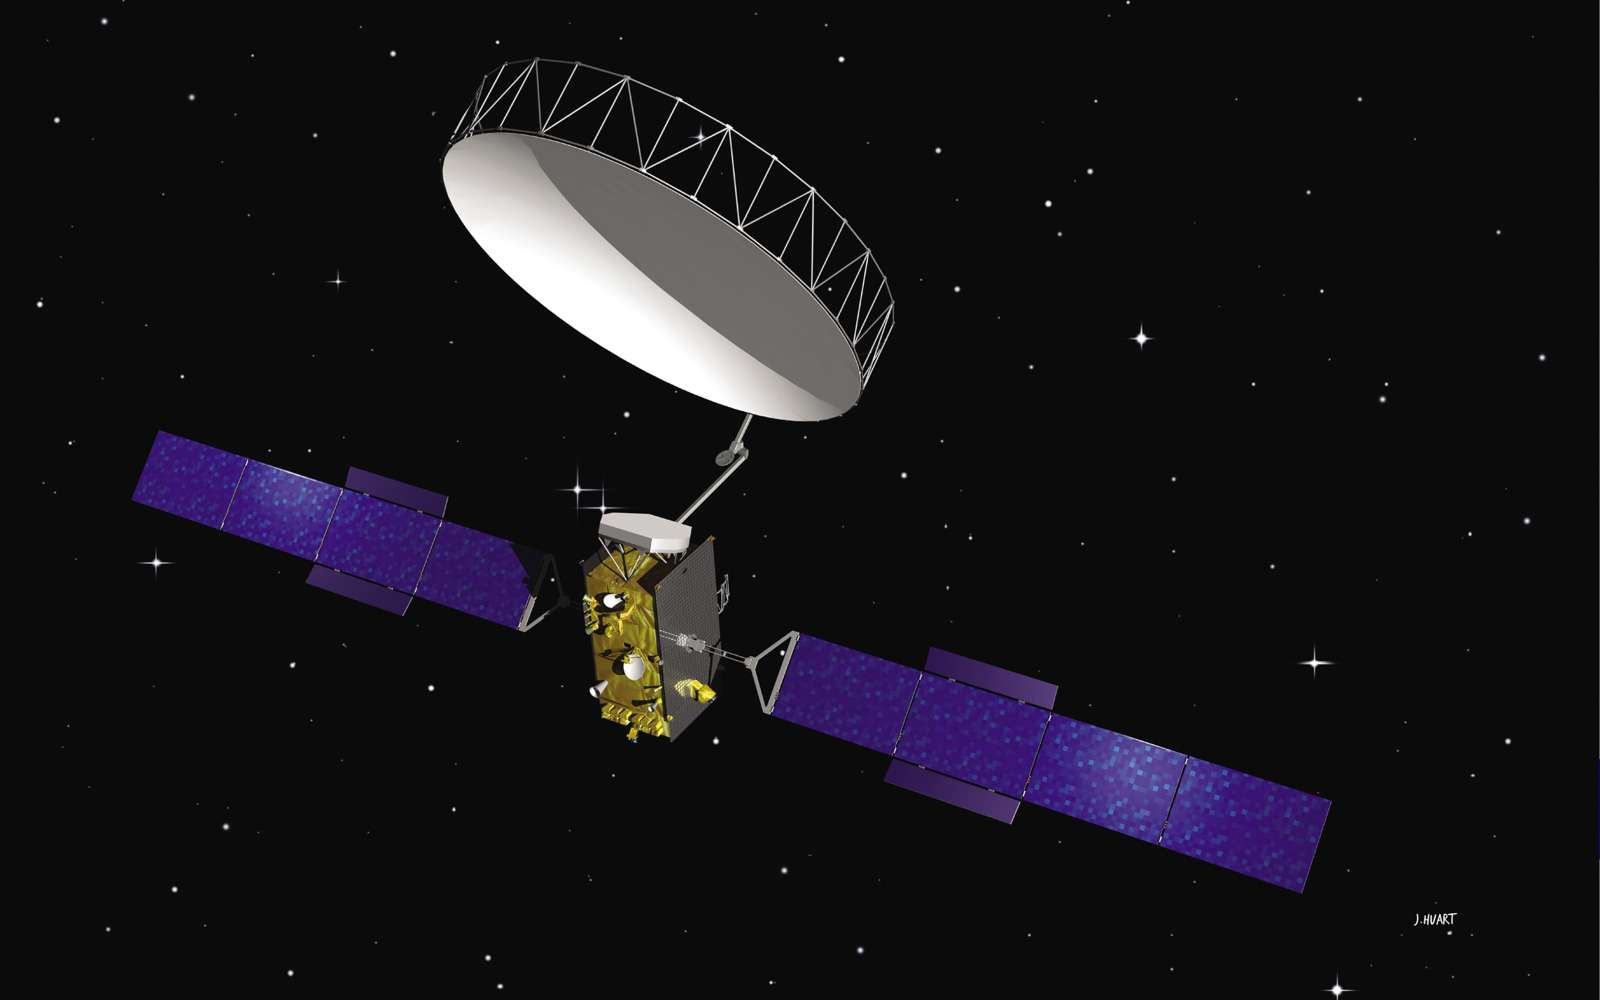 D'une envergure de 40 m avec ses panneaux solaires déployés, Alphasat utilise également une antenne de plus de 100 m2. Ce satellite de télécommunications doit fonctionner pendant au moins une quinzaine d'années. © J. Huart, TAS-Astrium-Esa